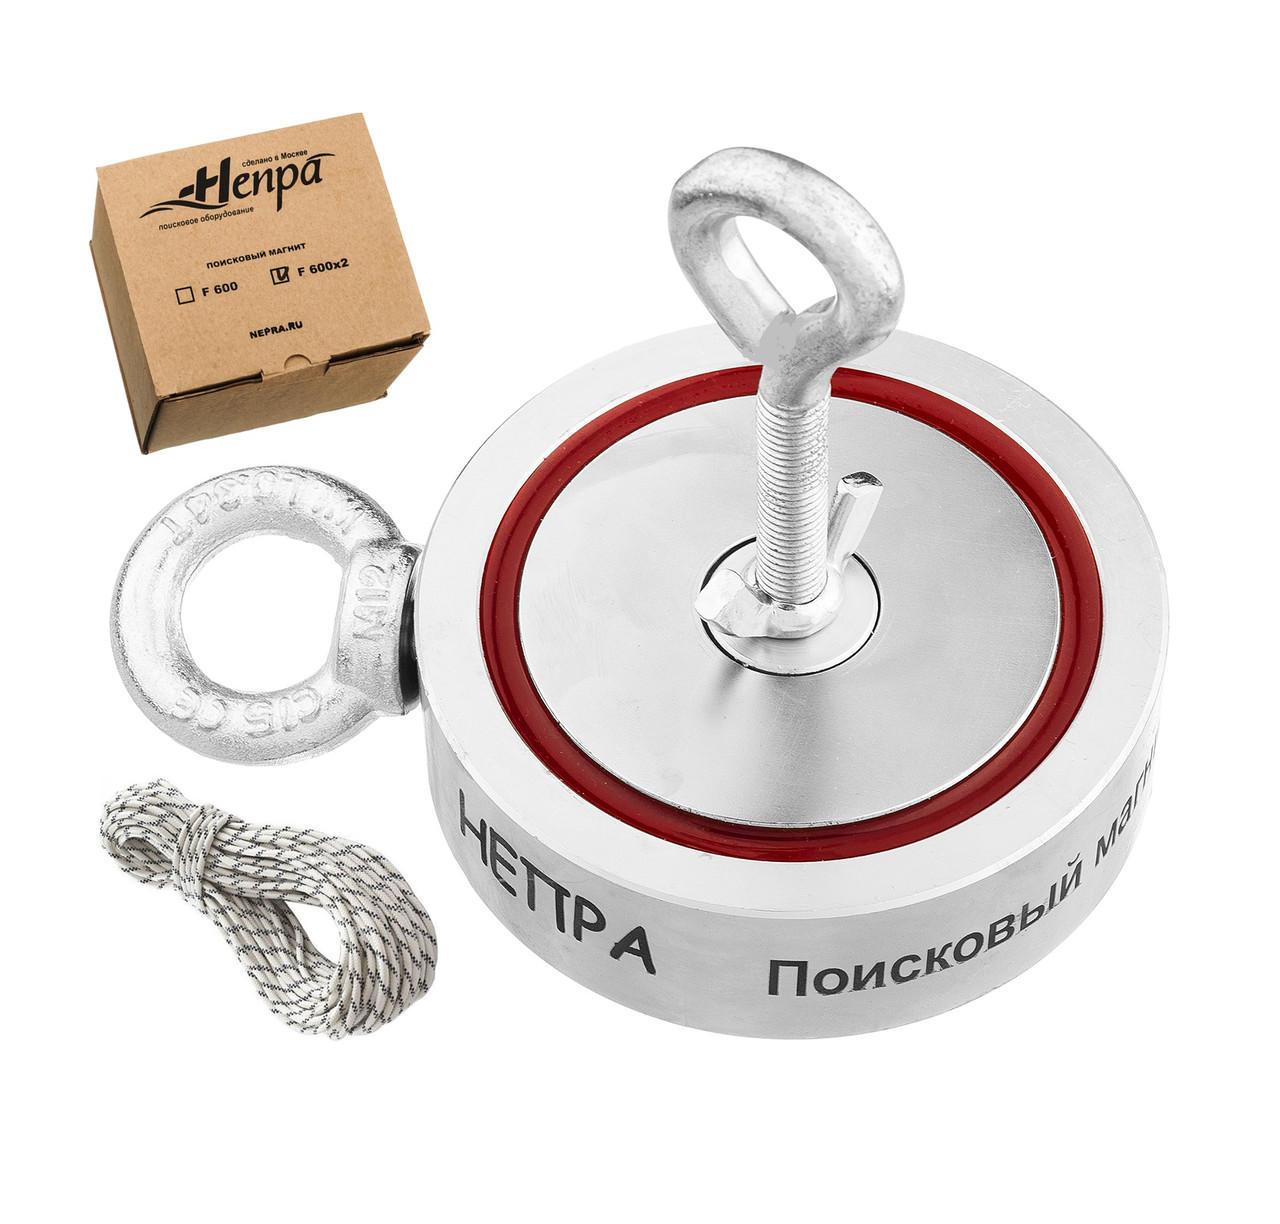 Поисковый магнит Непра 2F600 двухсторонний, ЕДИНСТВЕННЫЙ ДИЛЕР В УКРАИНЕ!